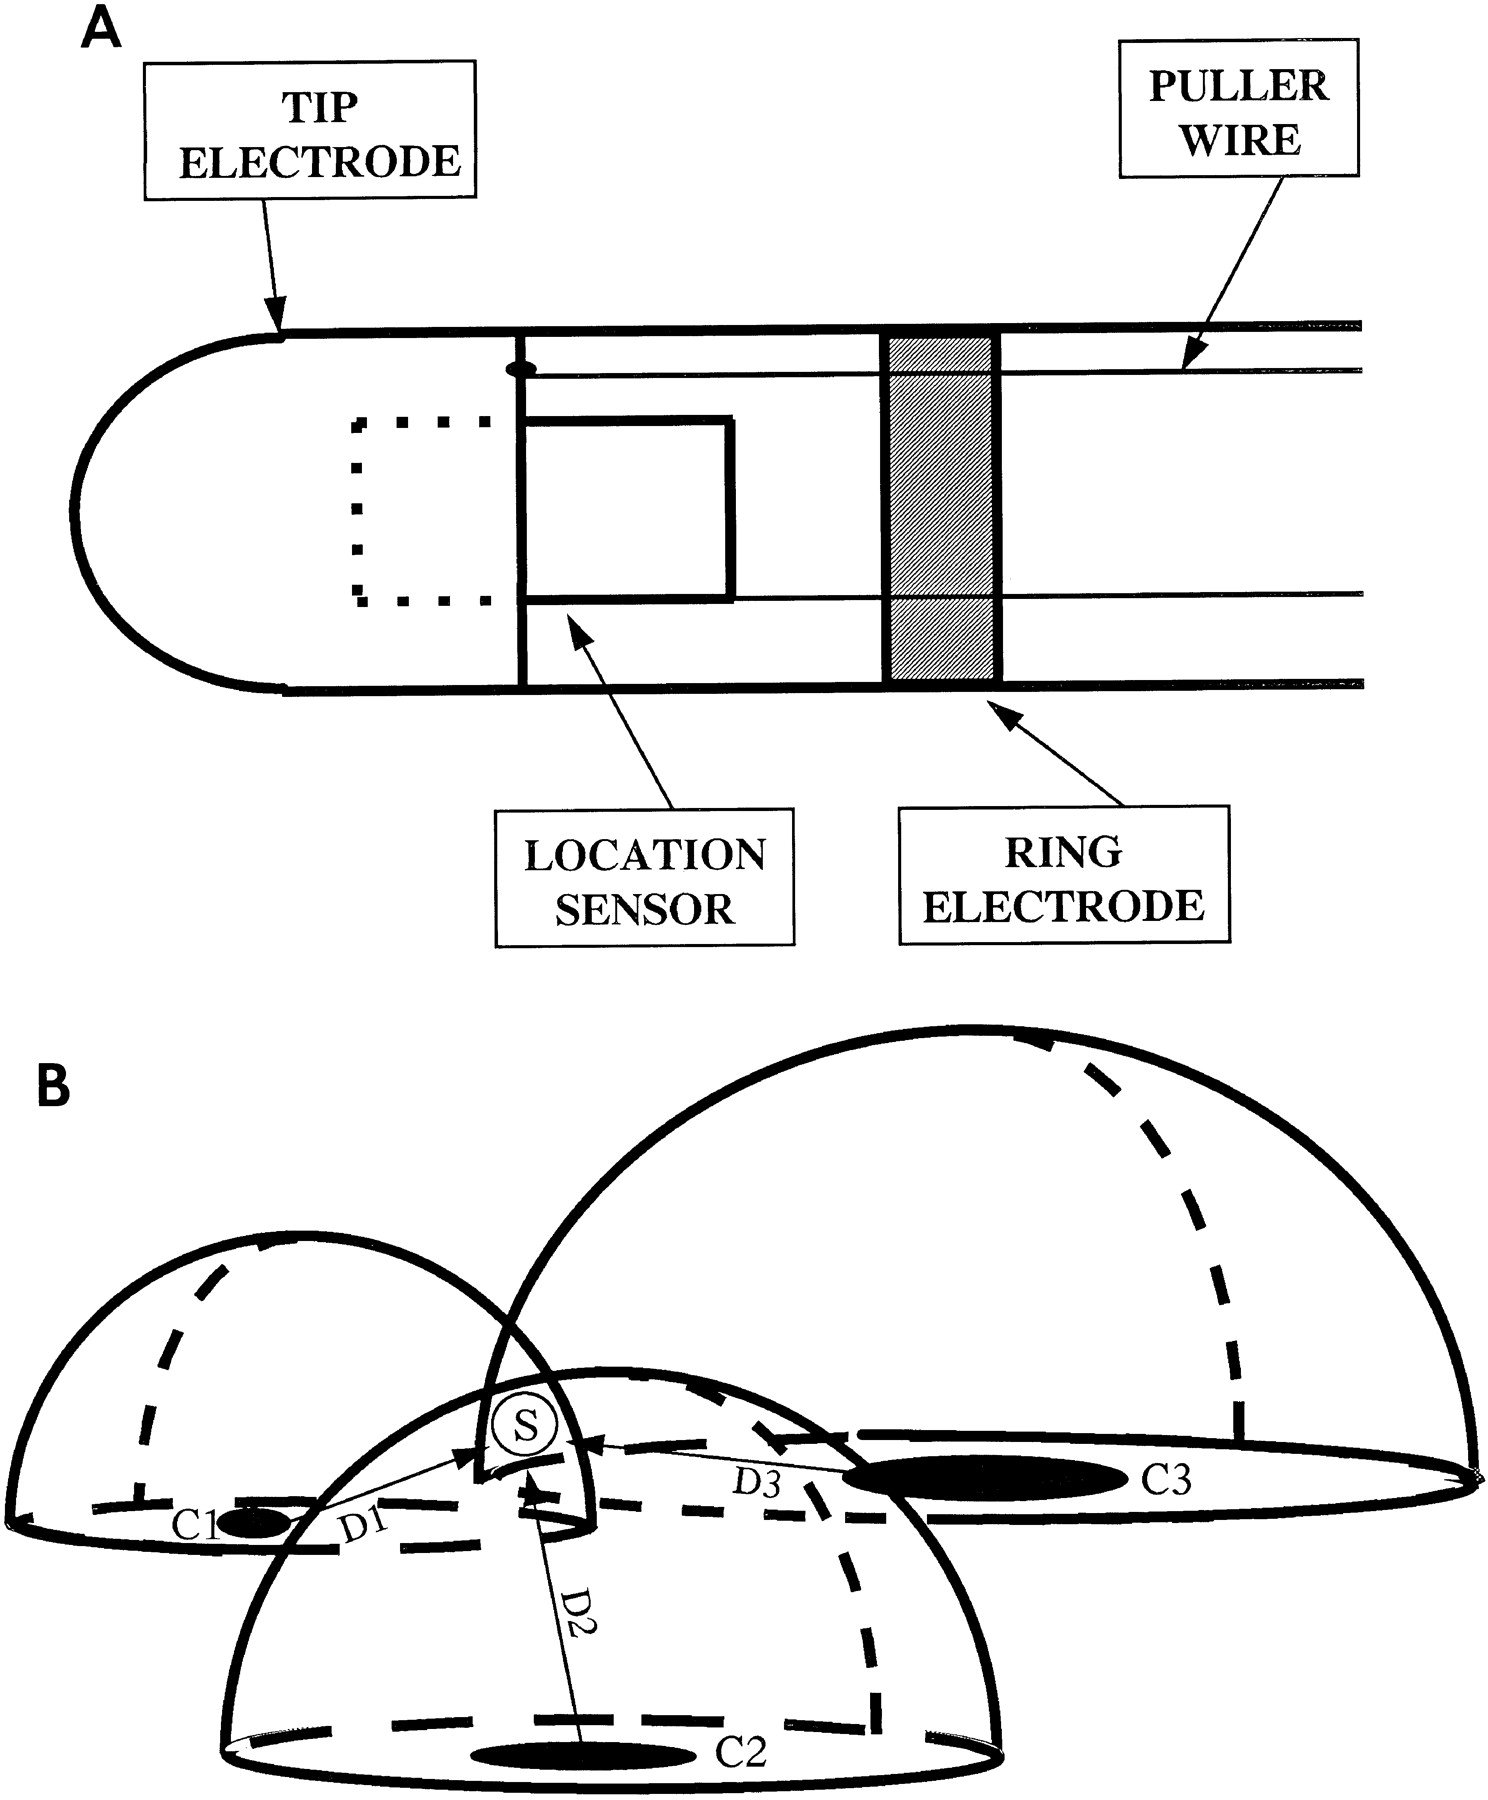 A Novel Method For Nonfluoroscopic Catheter Based